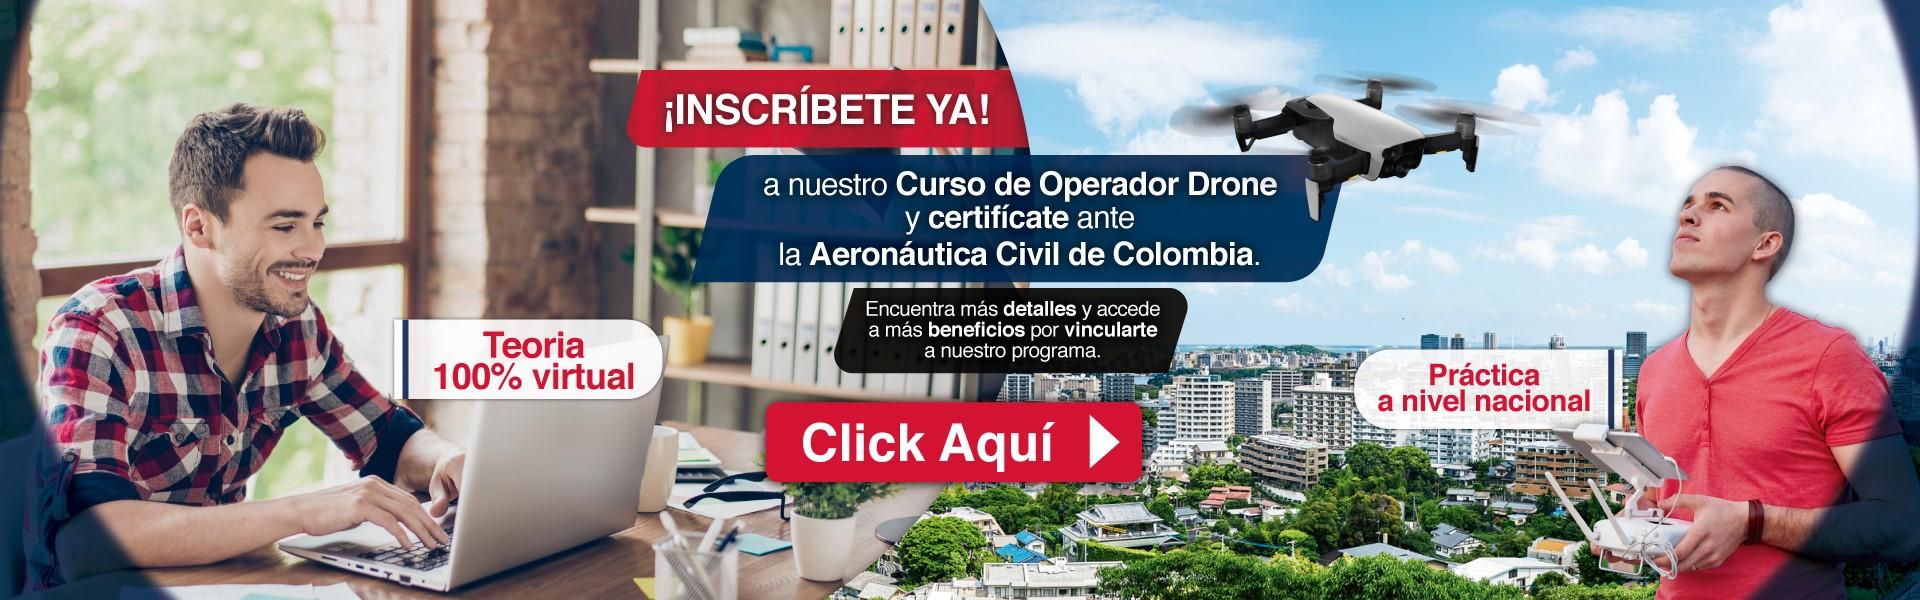 Cursos_de_drones